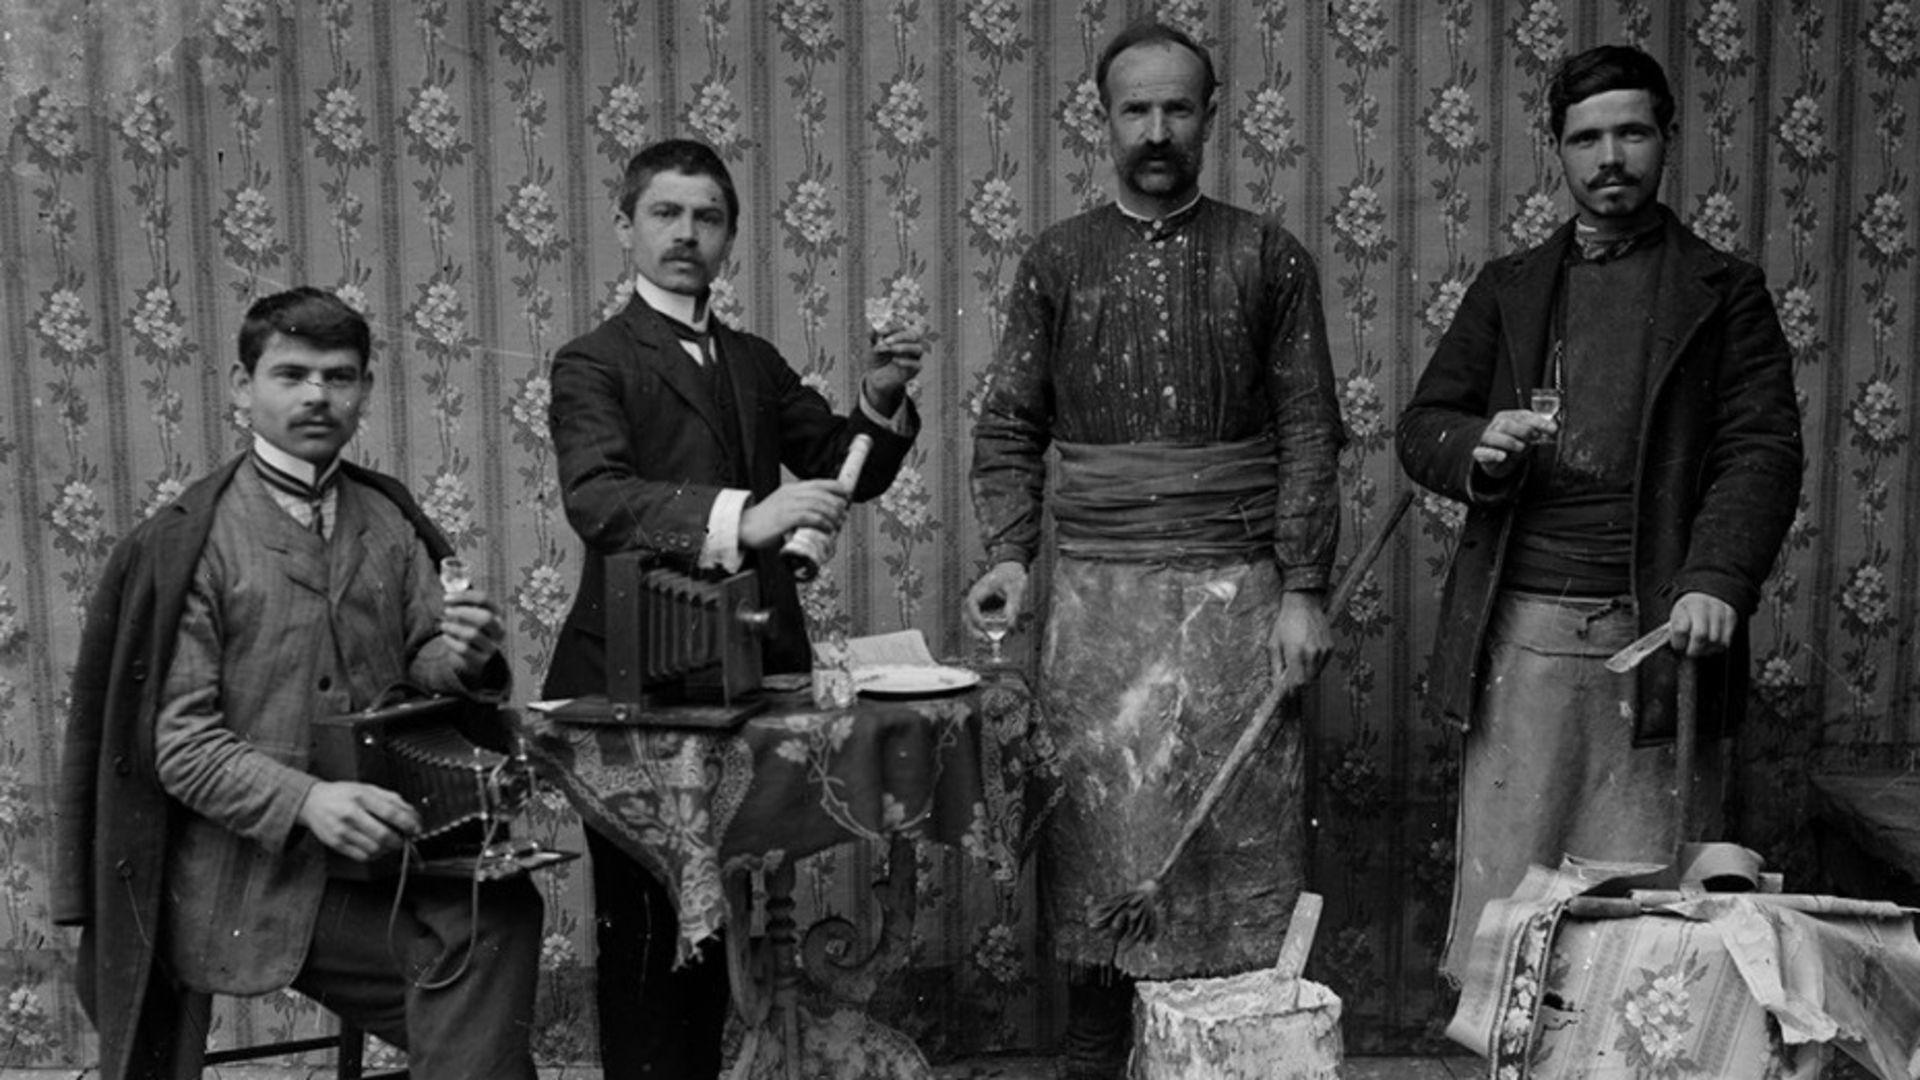 Türkiye'nin kültür mirası belgesellerle gün yüzüne çıkacak